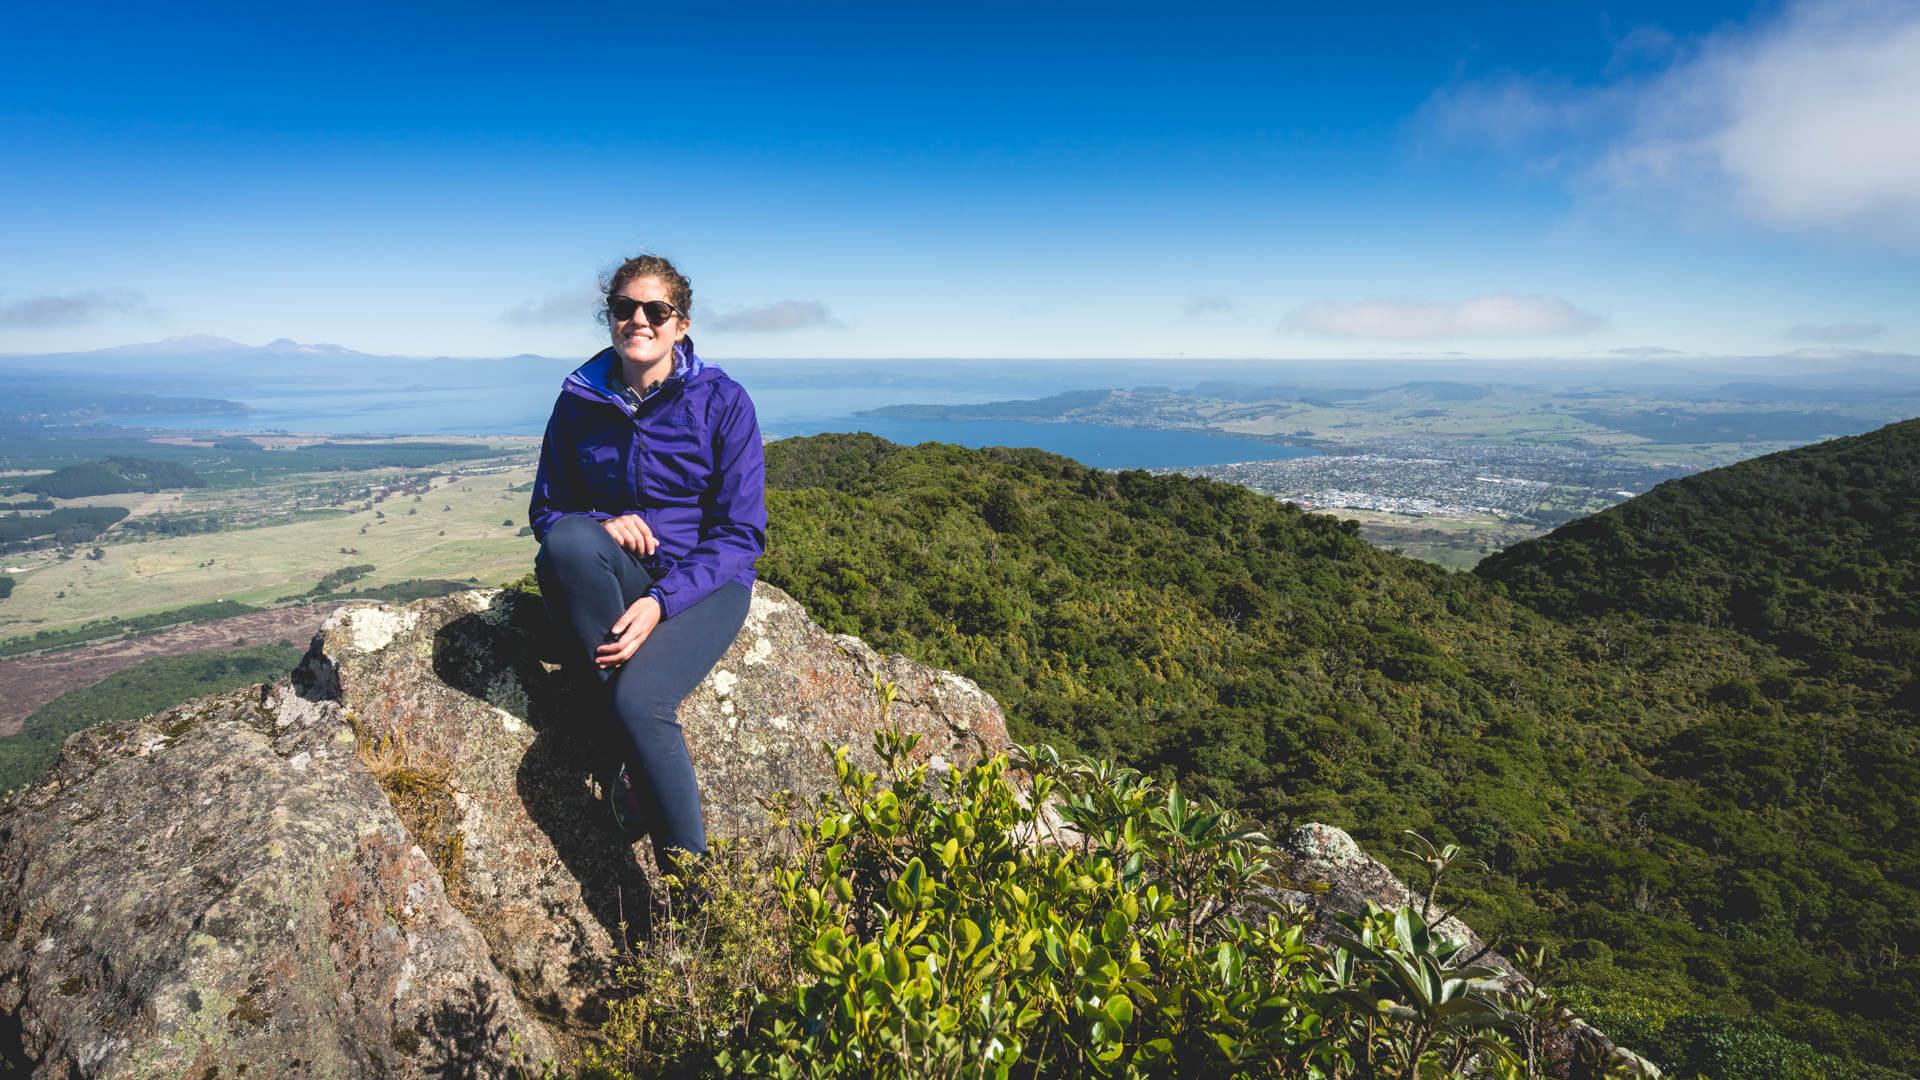 Vue du mont Tauhara, Taupo